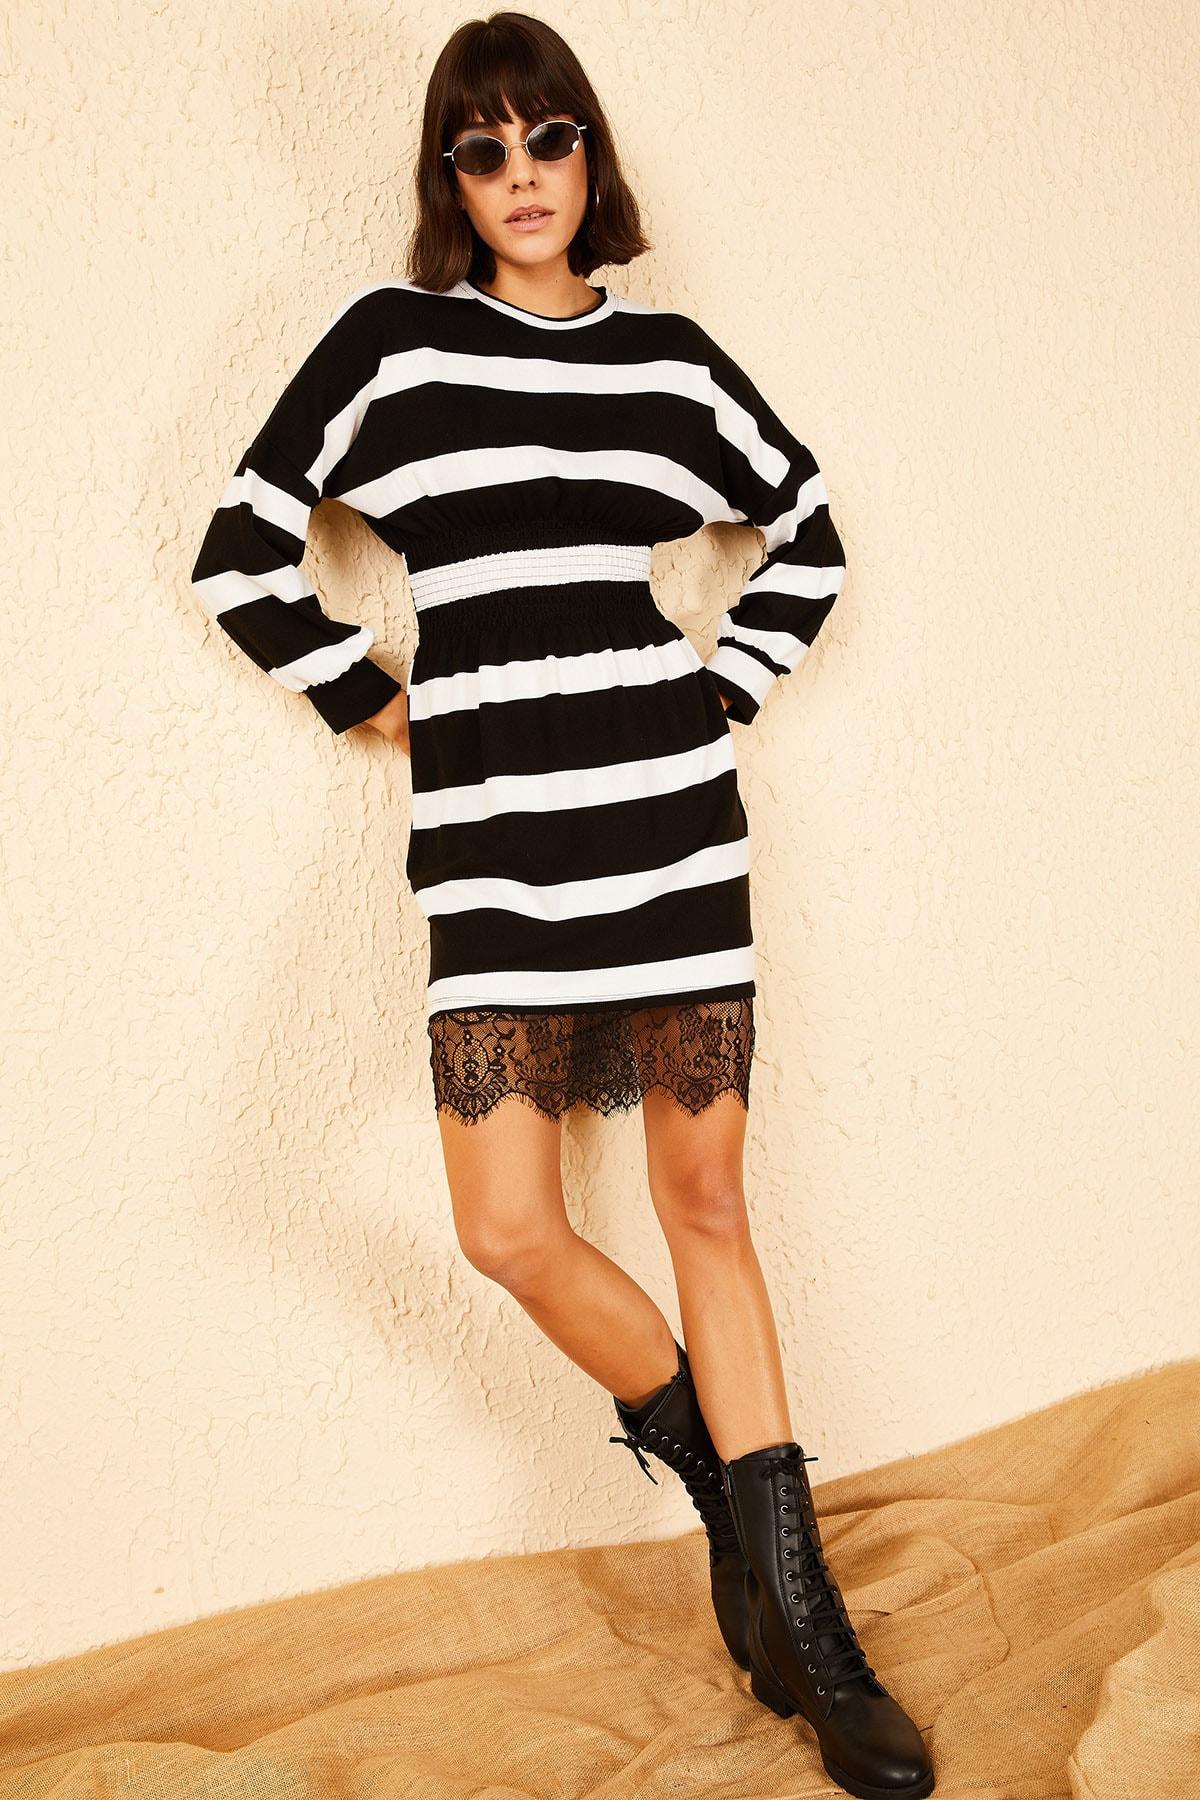 Bianco Lucci Kadın Siyah Beyaz Dantelli Akrilik Çizgili Elbise 10151012